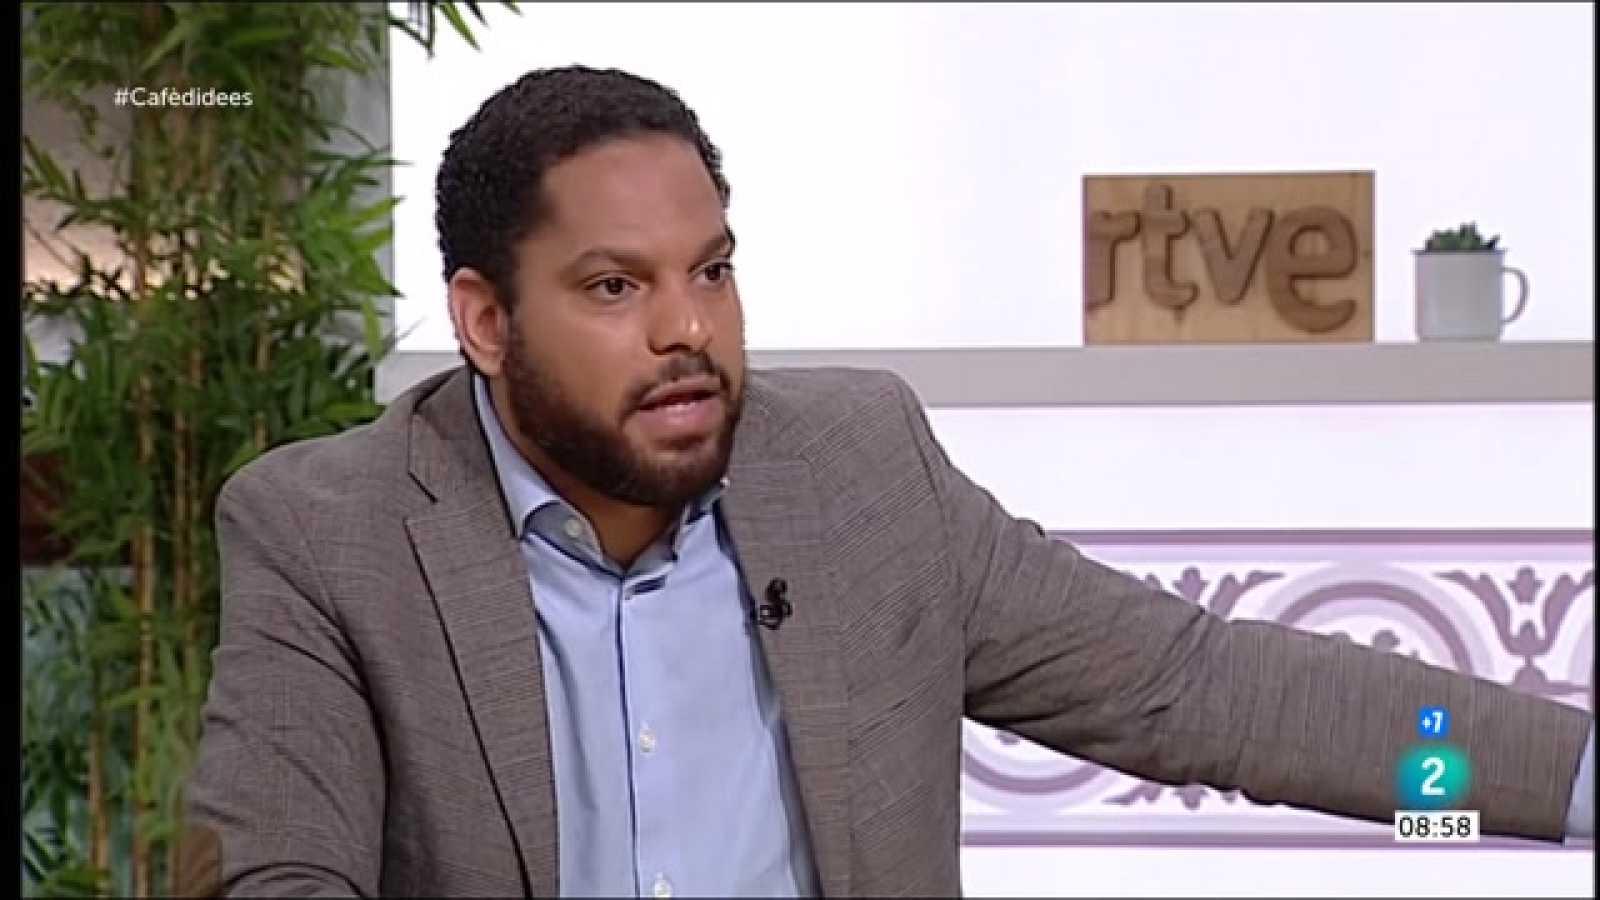 """Cafè d'idees - Ignacio Garriga: """"Si hi ha indults ens querellarem per prevaricació administrativa"""""""